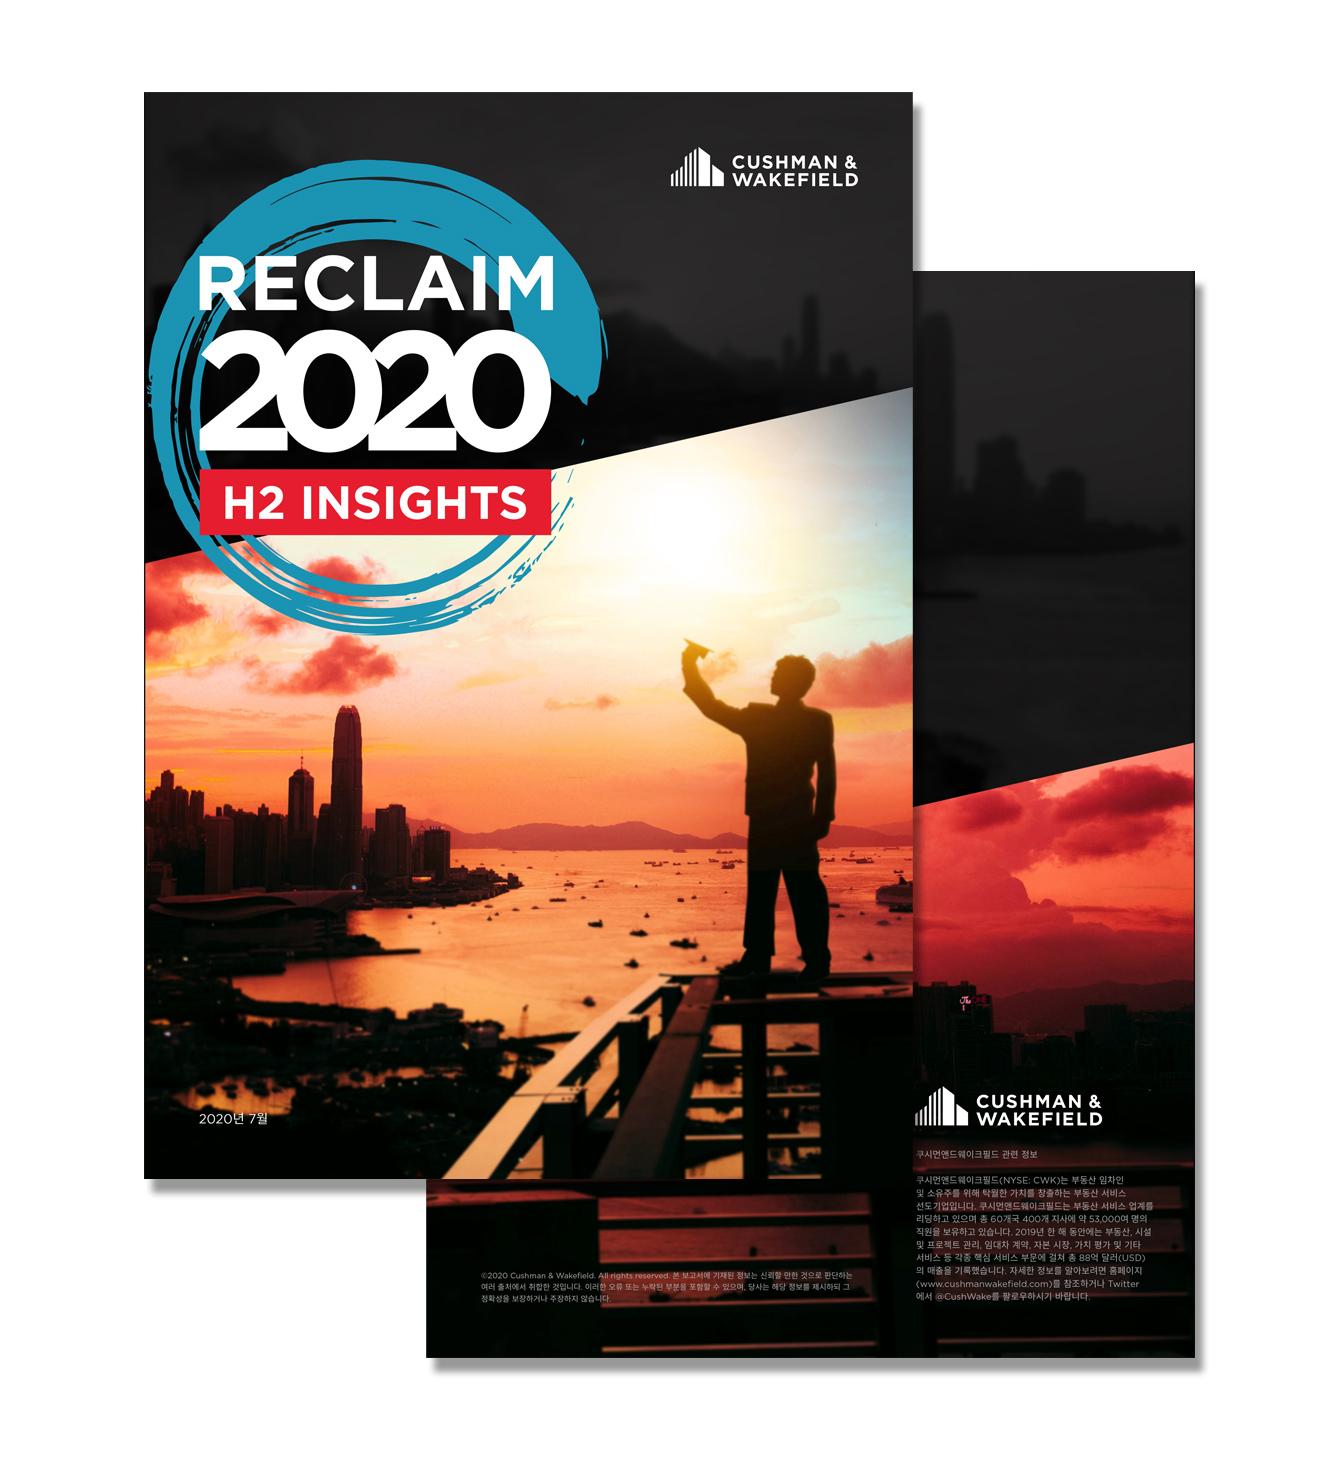 Reclaim 2020